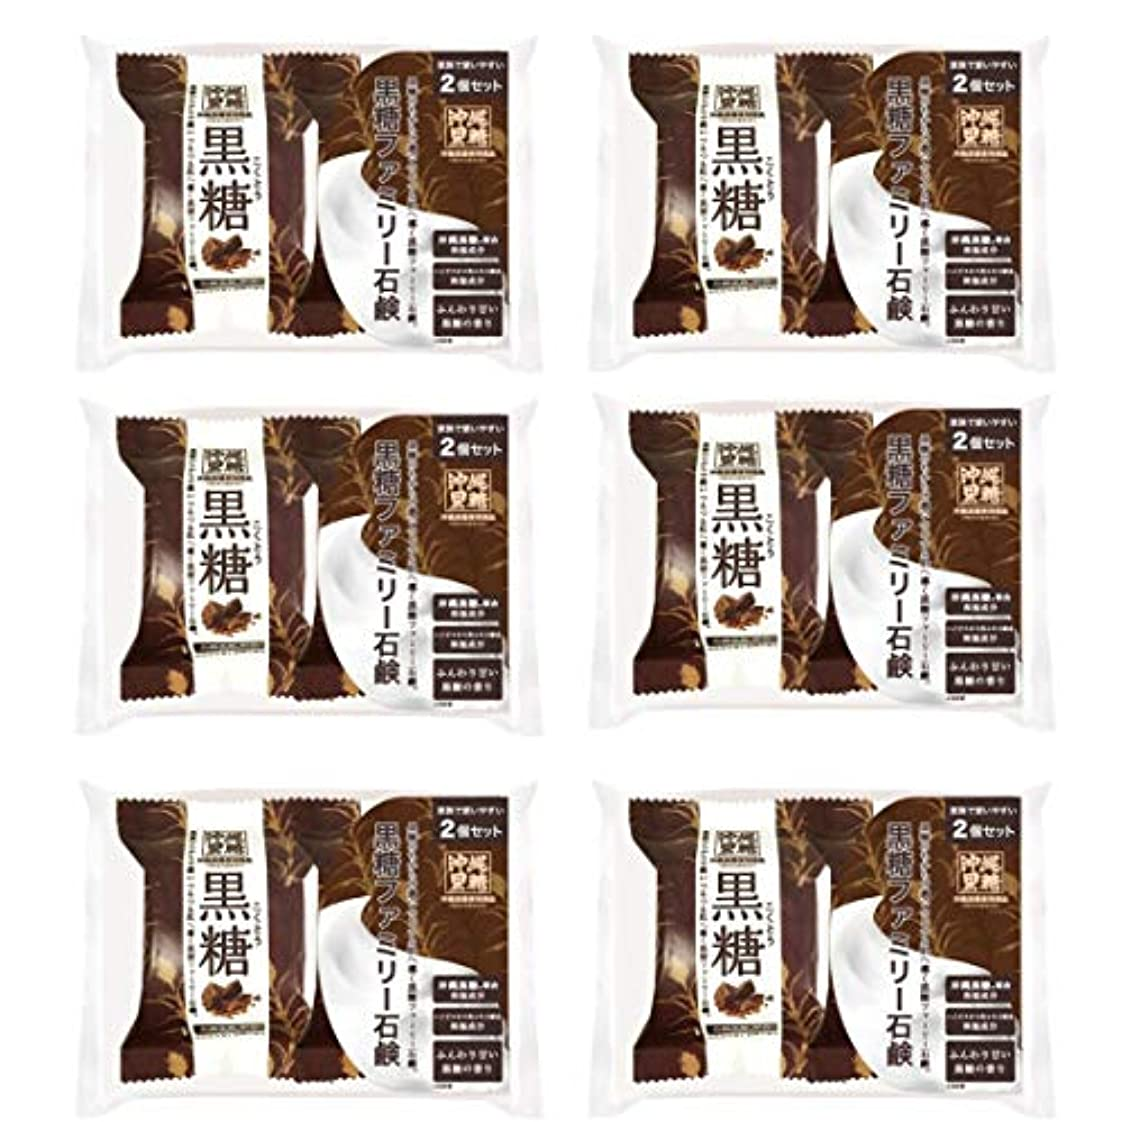 【6個セット】ペリカン石鹸 ファミリー黒糖石鹸 80g×2個